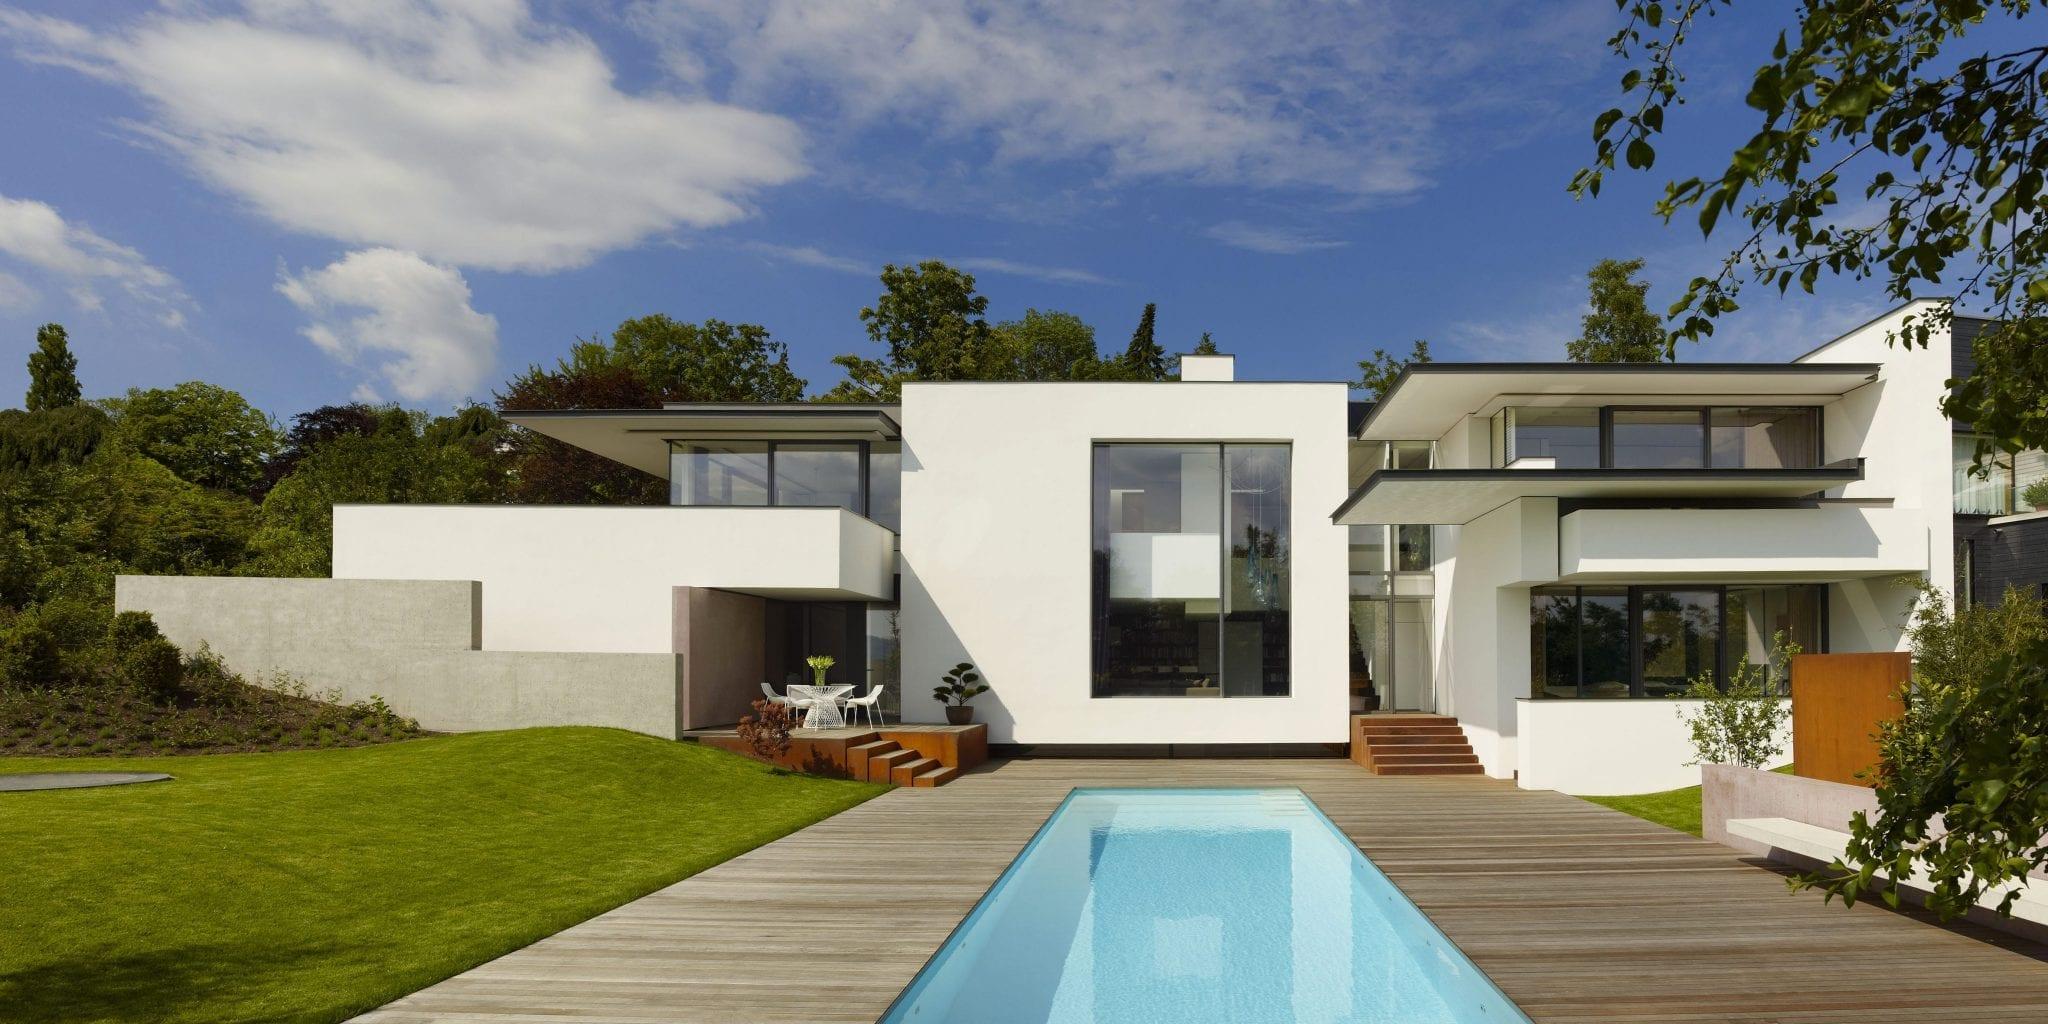 Vista House Alexander Brenner Architekten 011 C